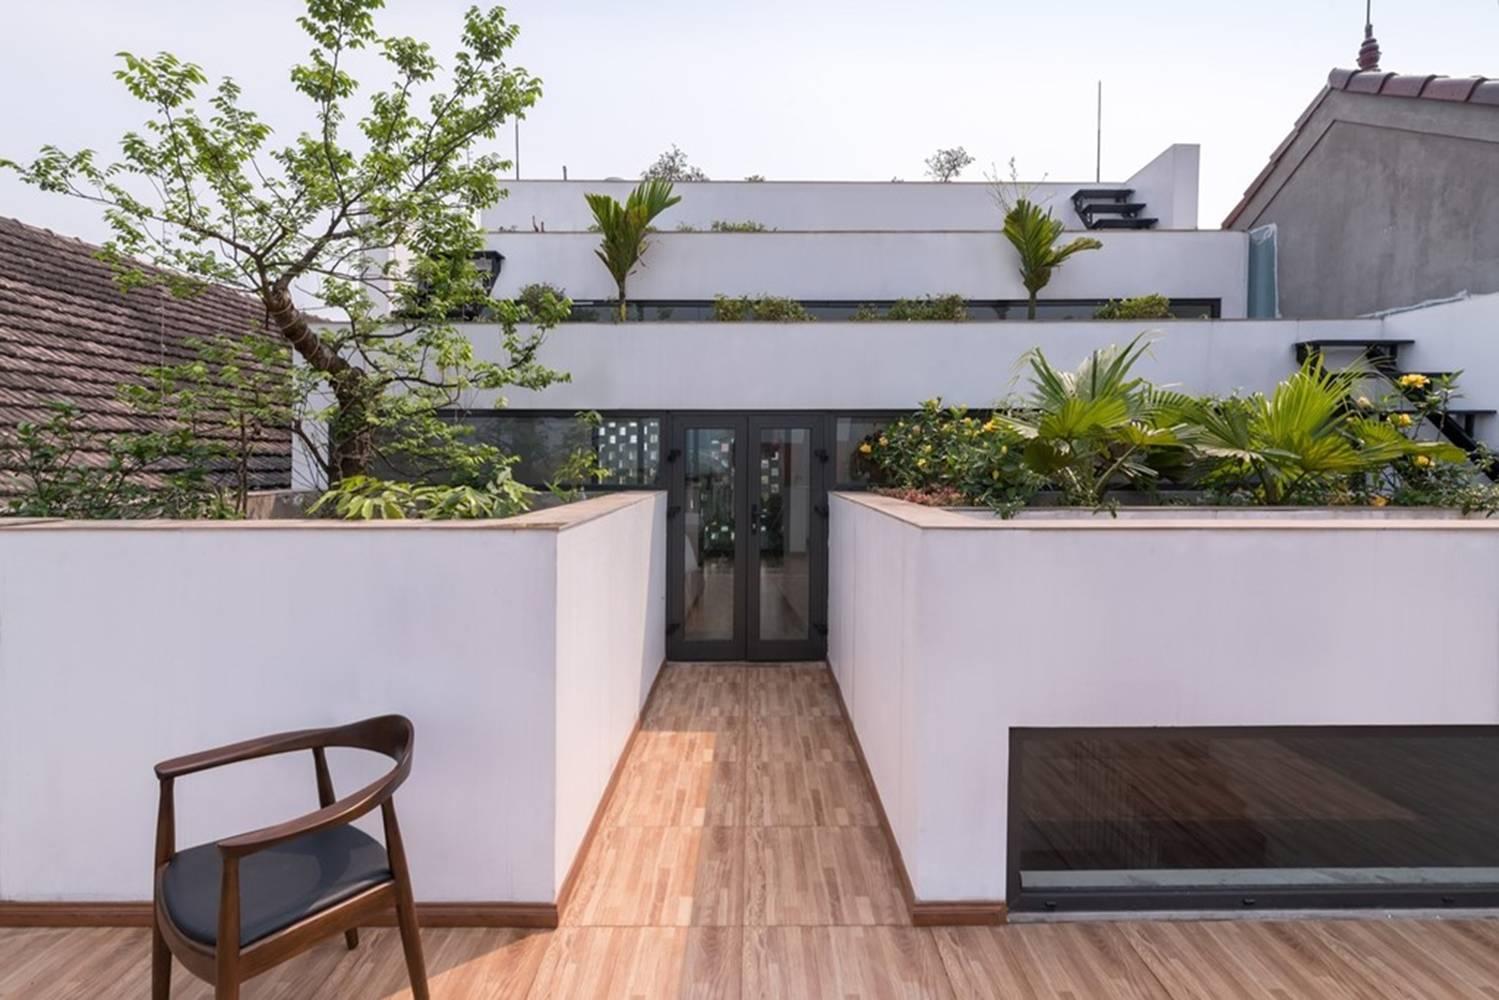 tư vấn thiết kế nhà, nhà đẹp, nhà bậc thang